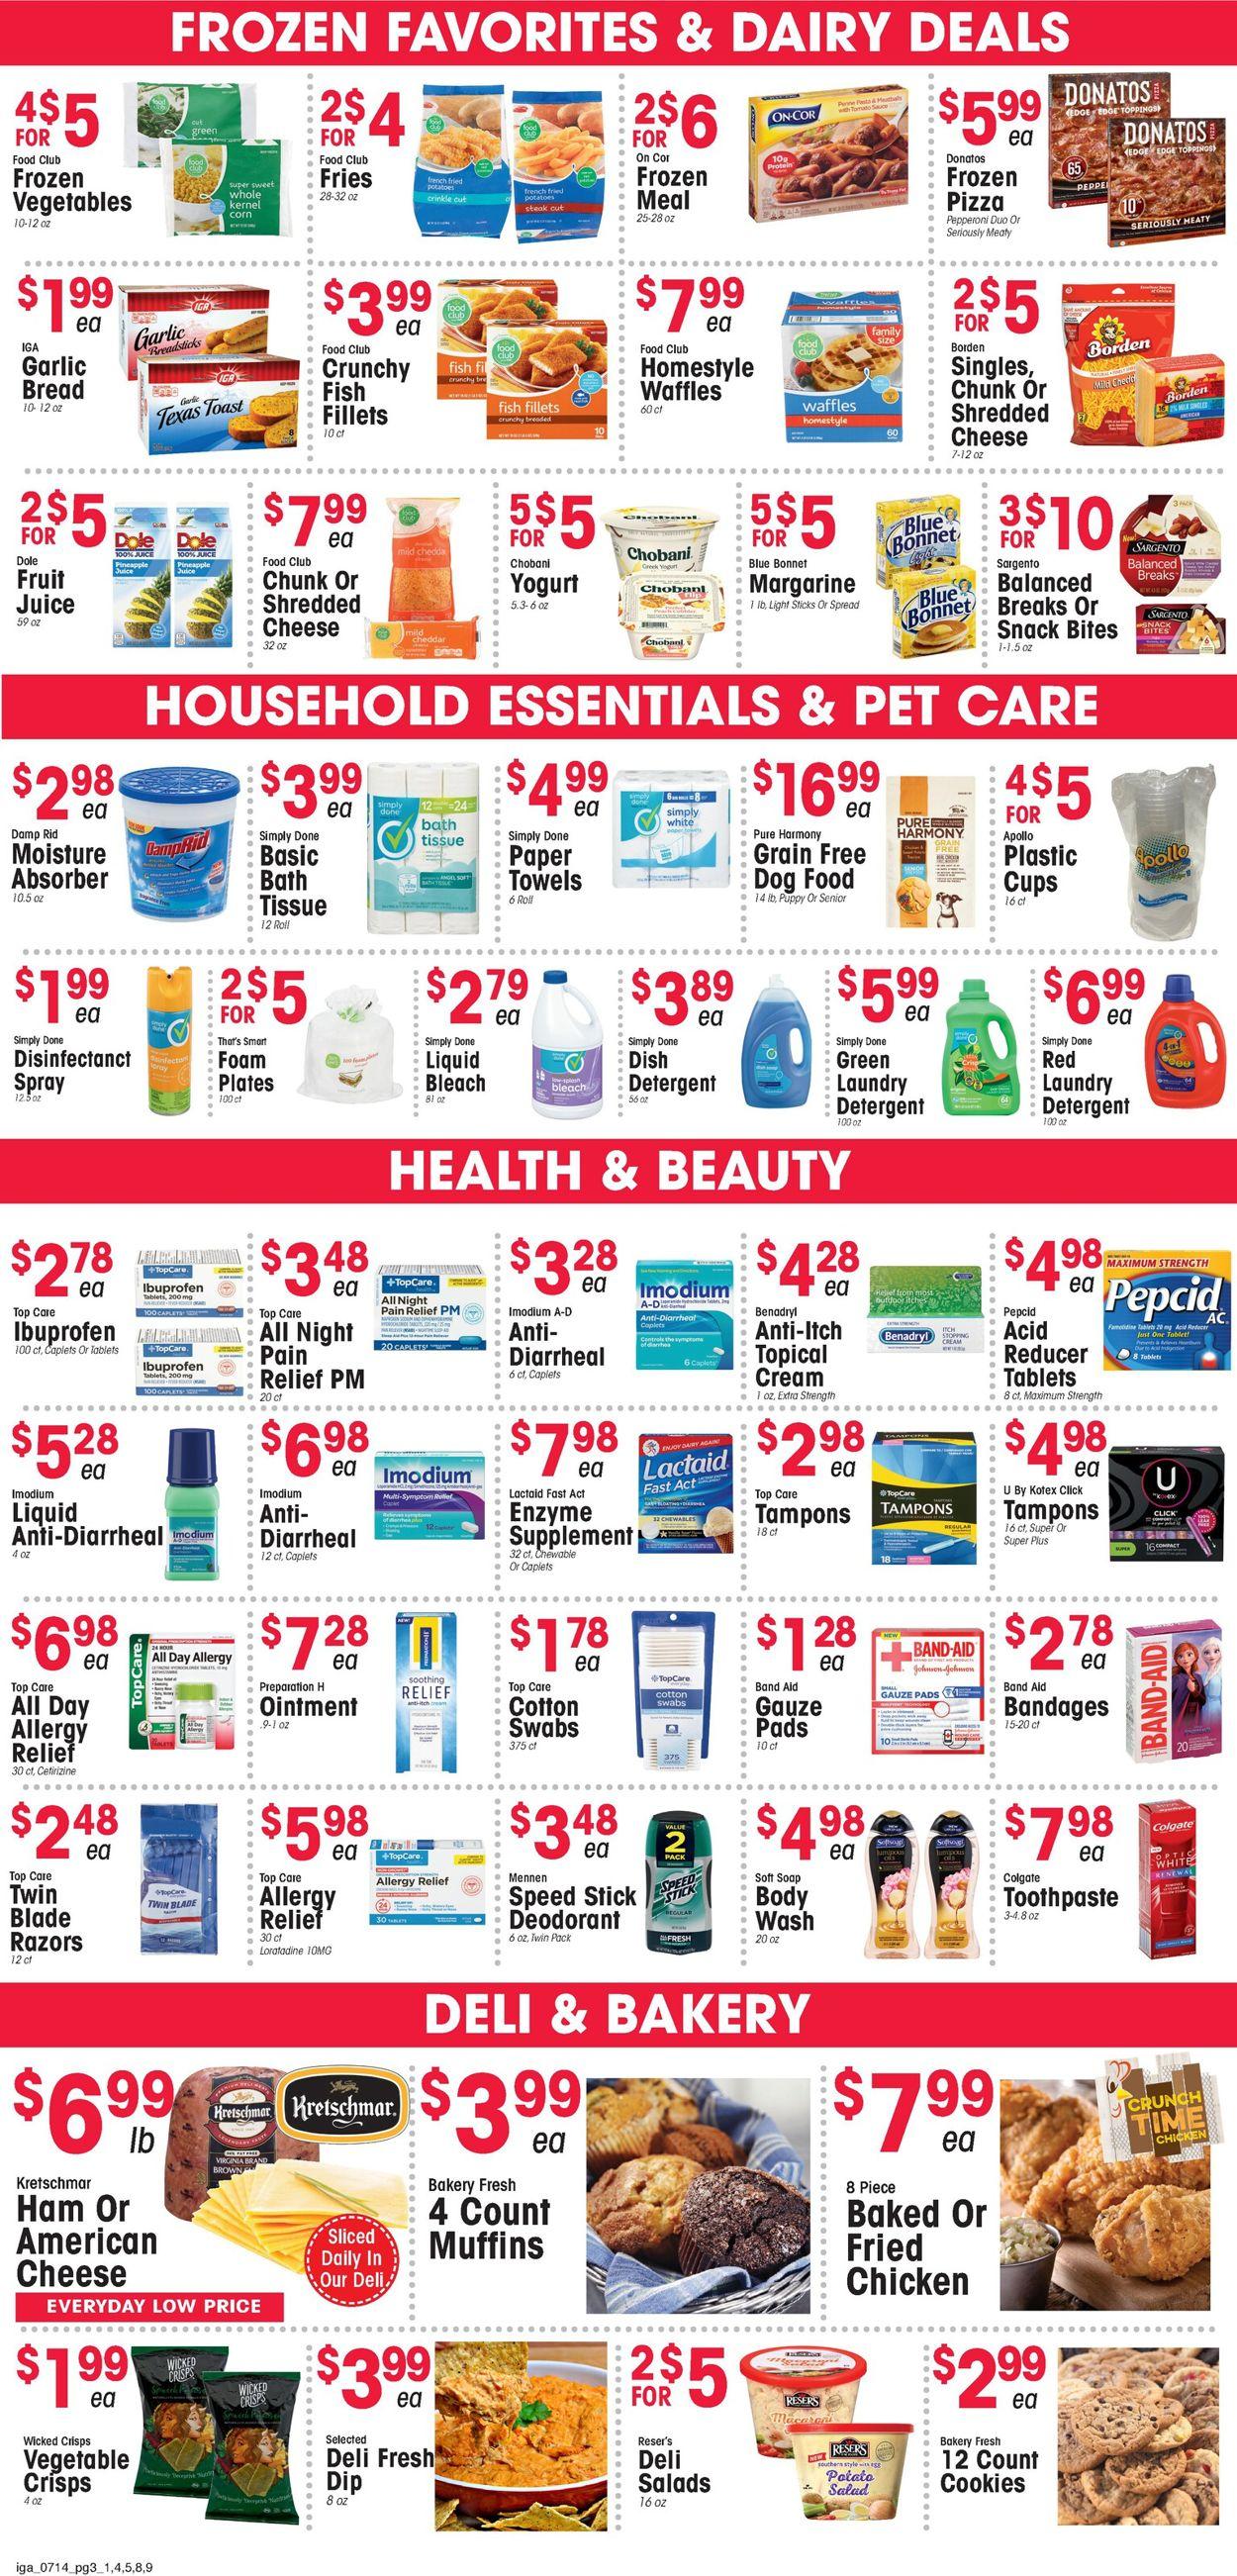 IGA Weekly Ad Circular - valid 07/14-07/20/2021 (Page 3)